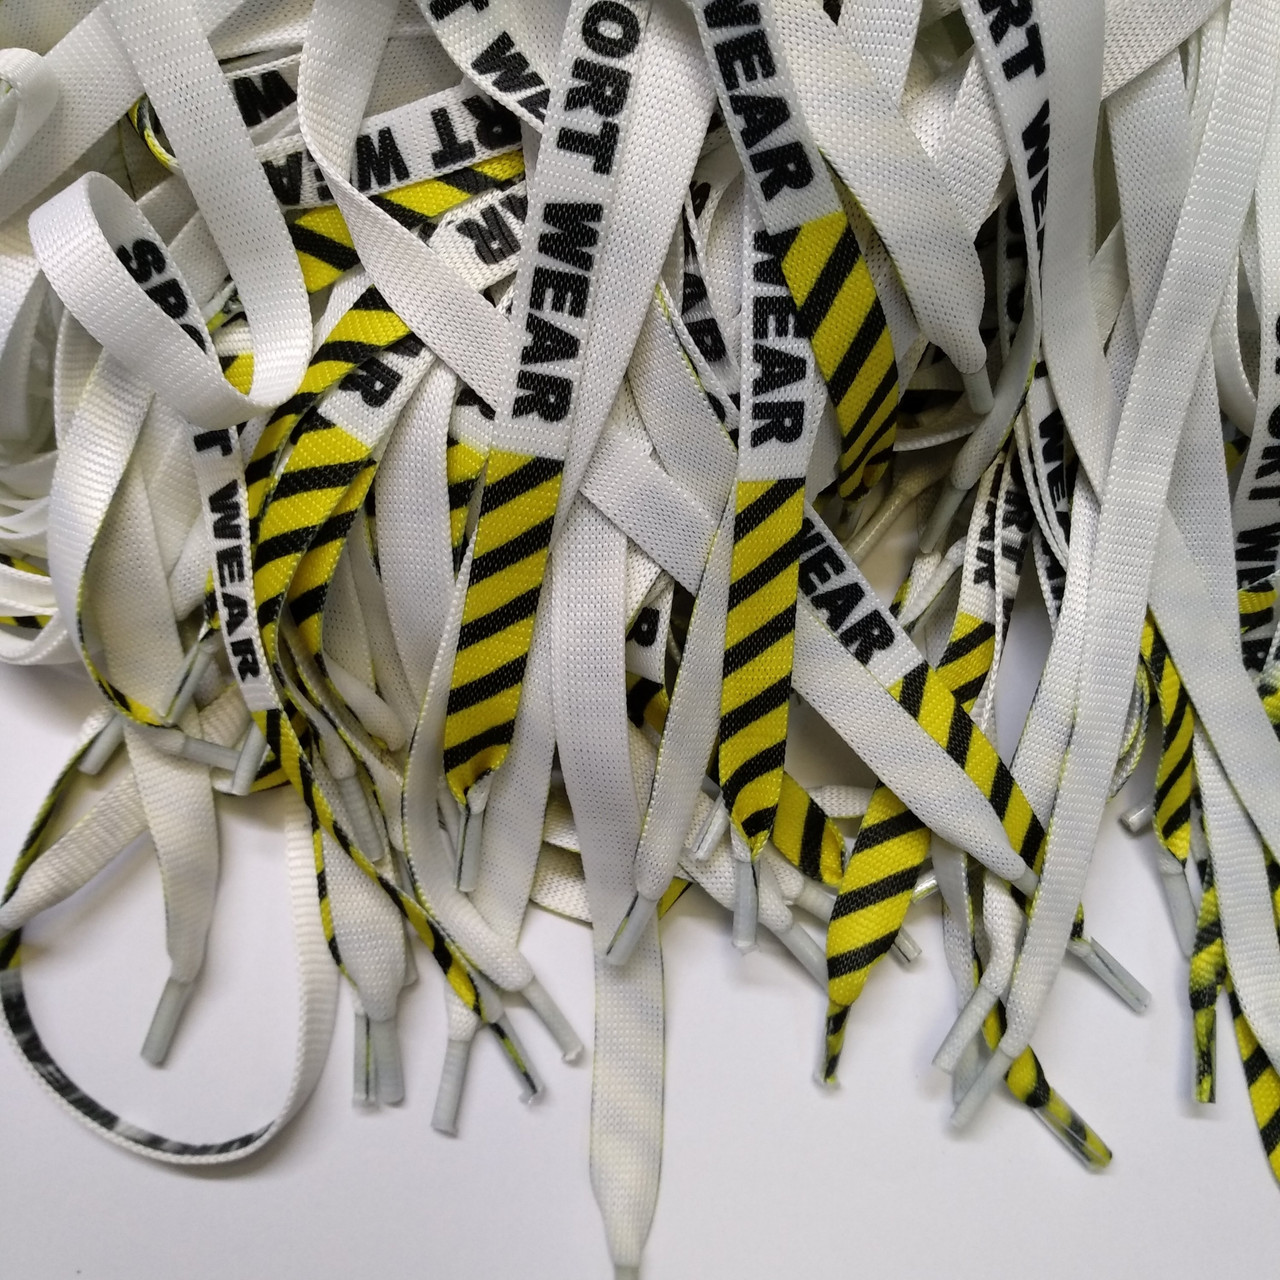 Шнур (текстильный) №5 плоский белый с жёлтой надписью sport wear 125см.